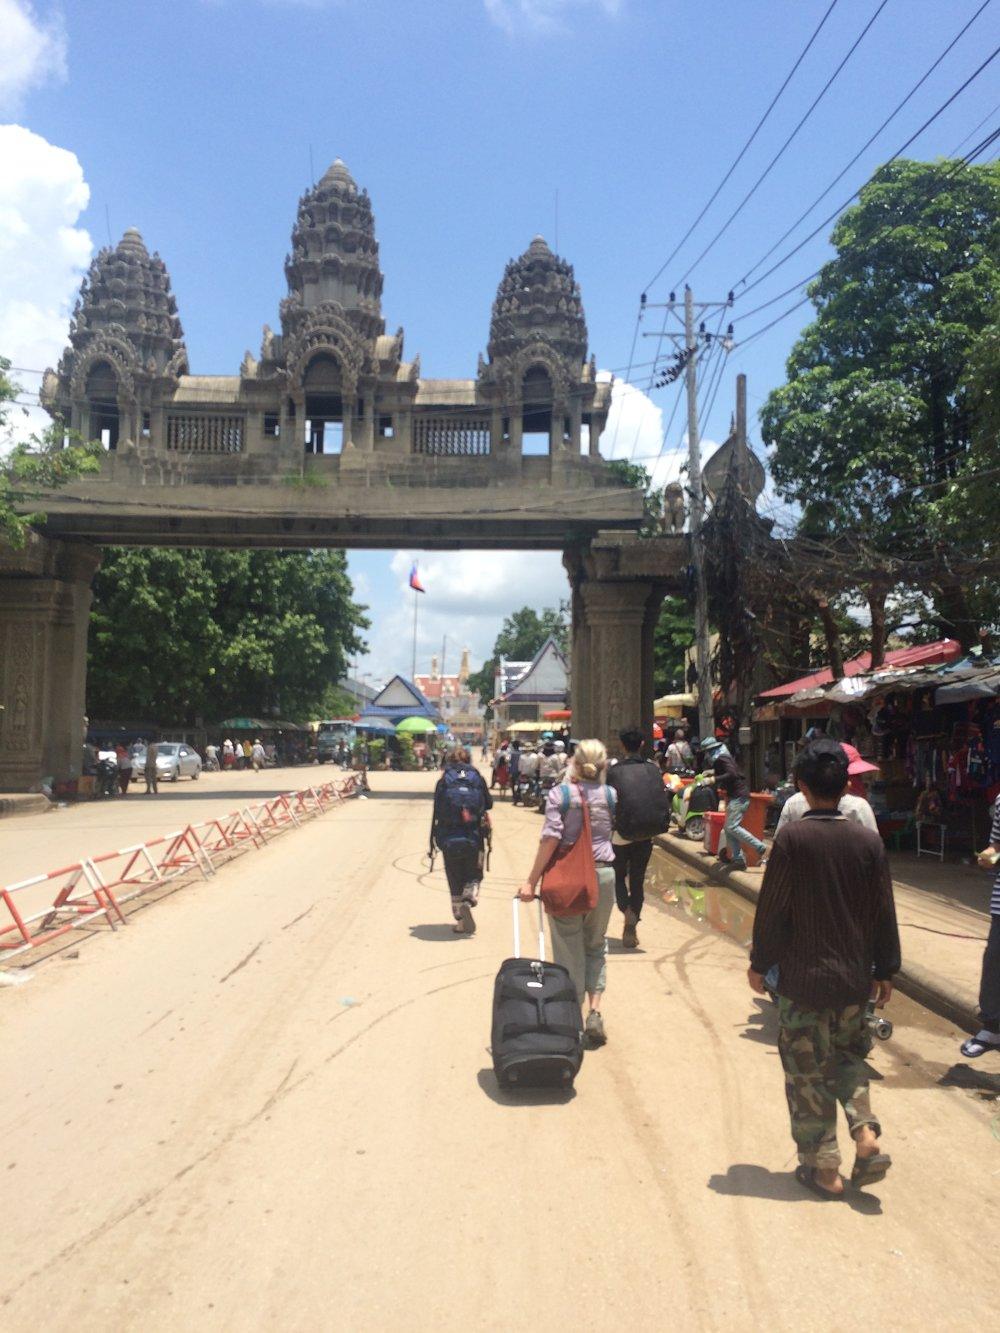 The Cambodia exit